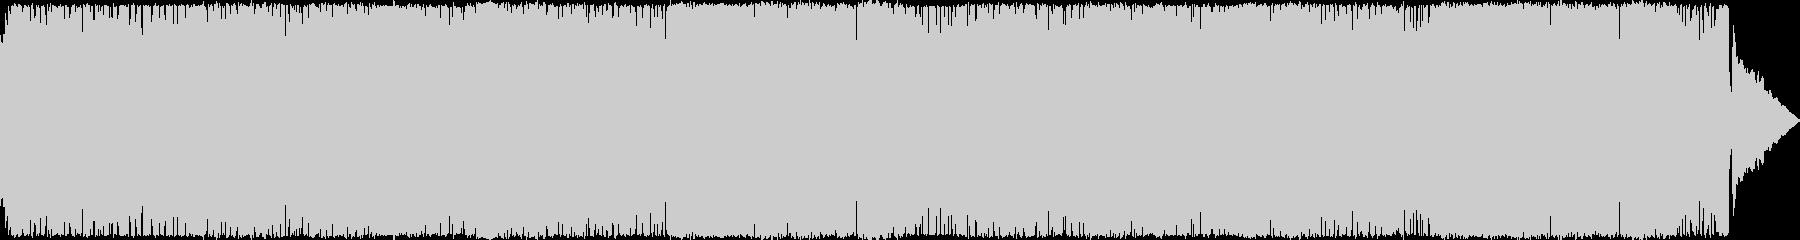 【バトル】テンポの速い戦闘向けのロックの未再生の波形